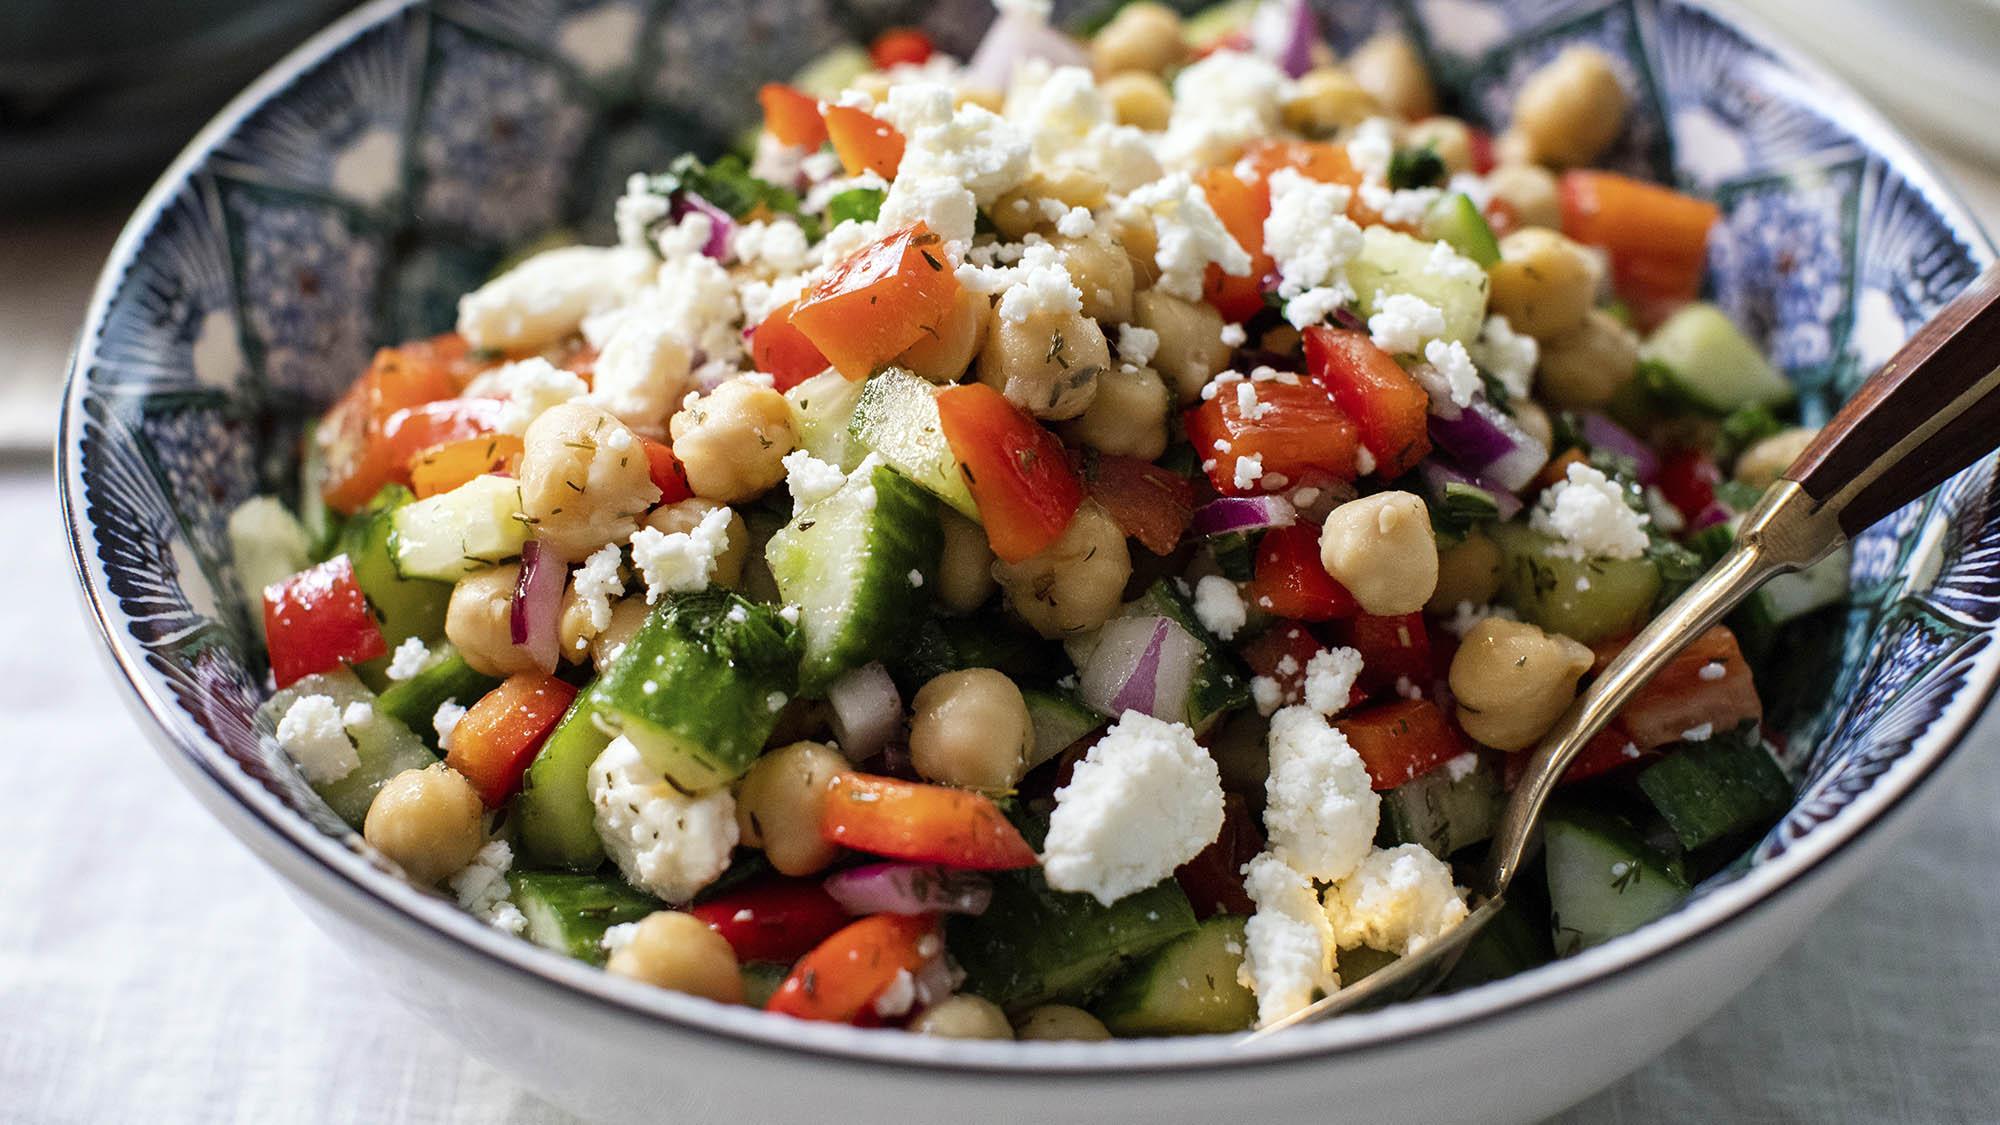 McCormick Gourmet Persian Chopped Salad